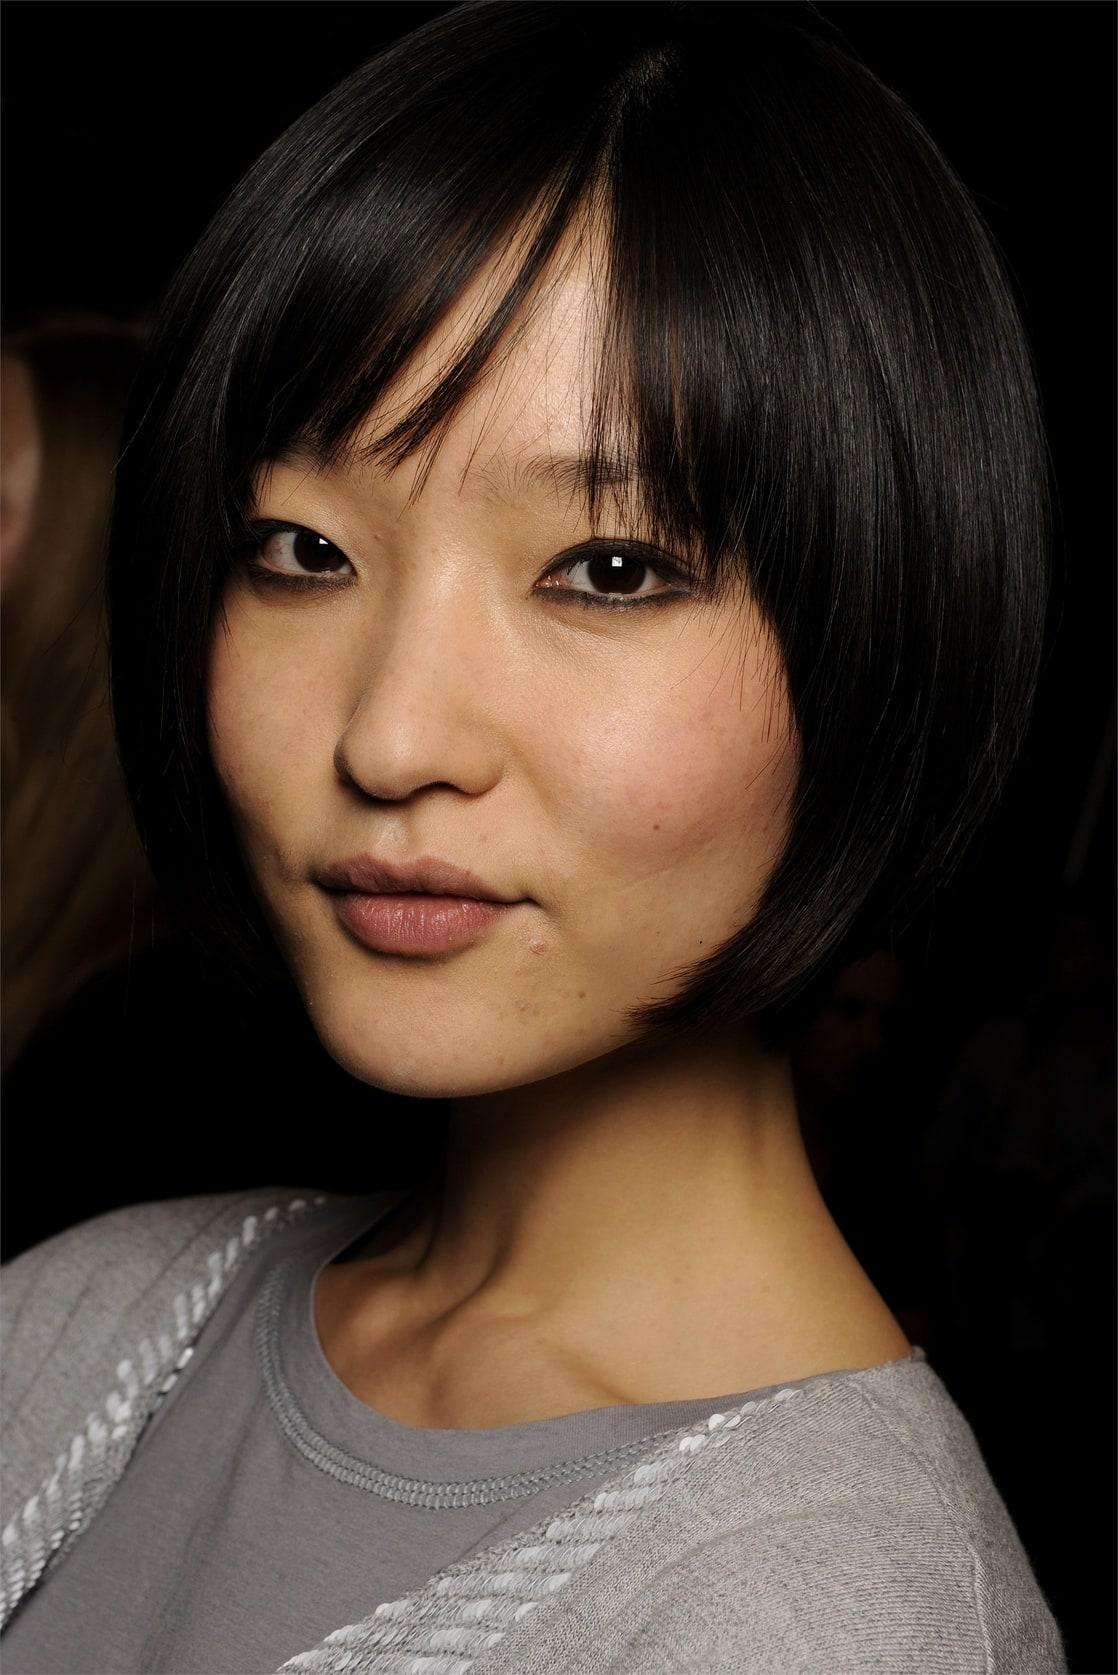 Прически для монголоидного типа лица фото